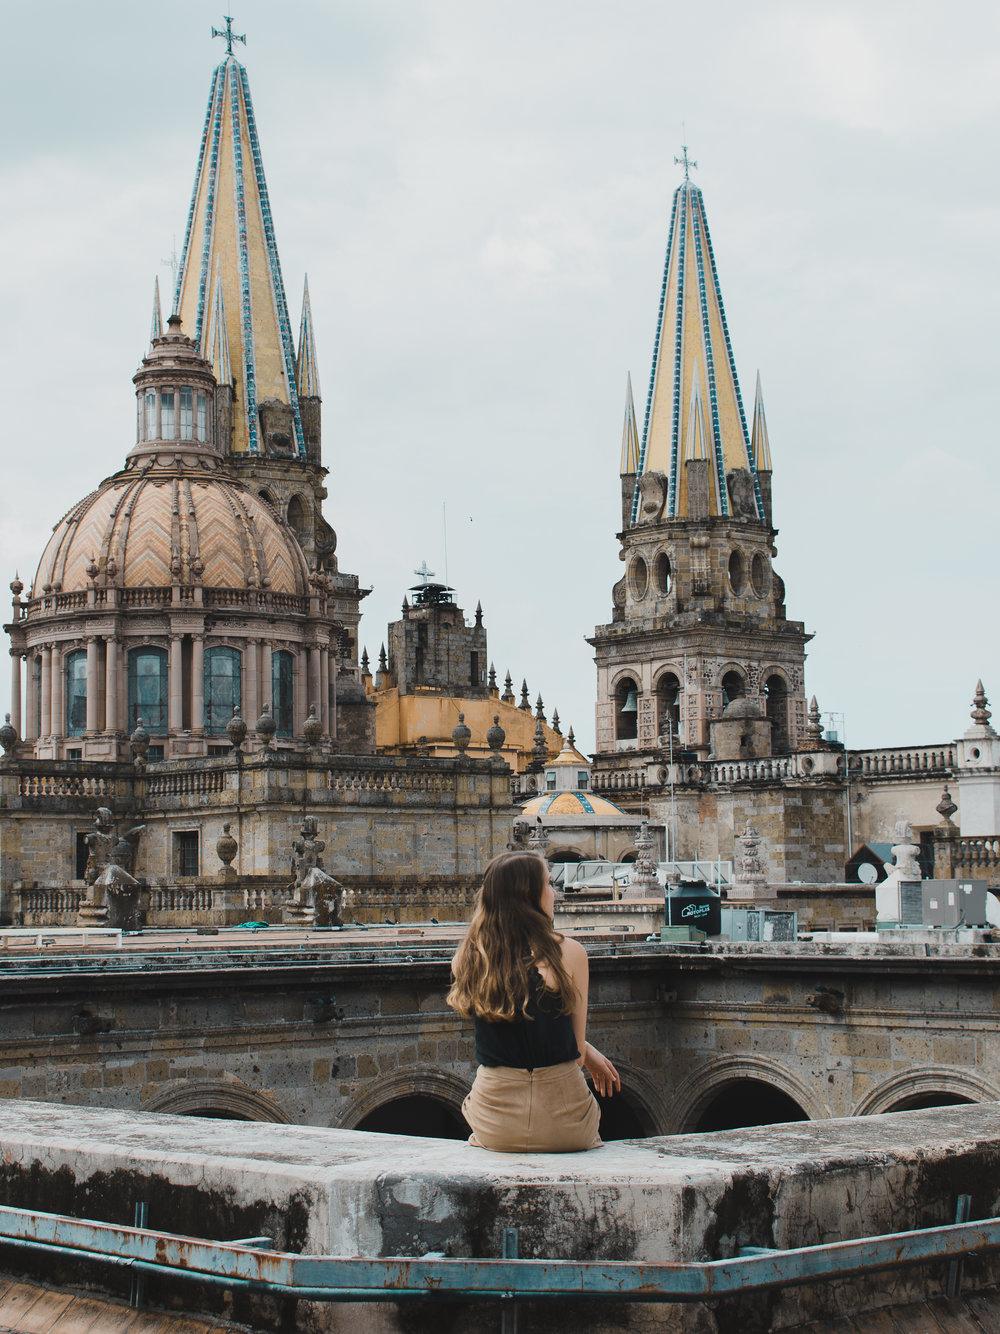 Sitting on the roof of Palacio de Gobierno in Guadalajara